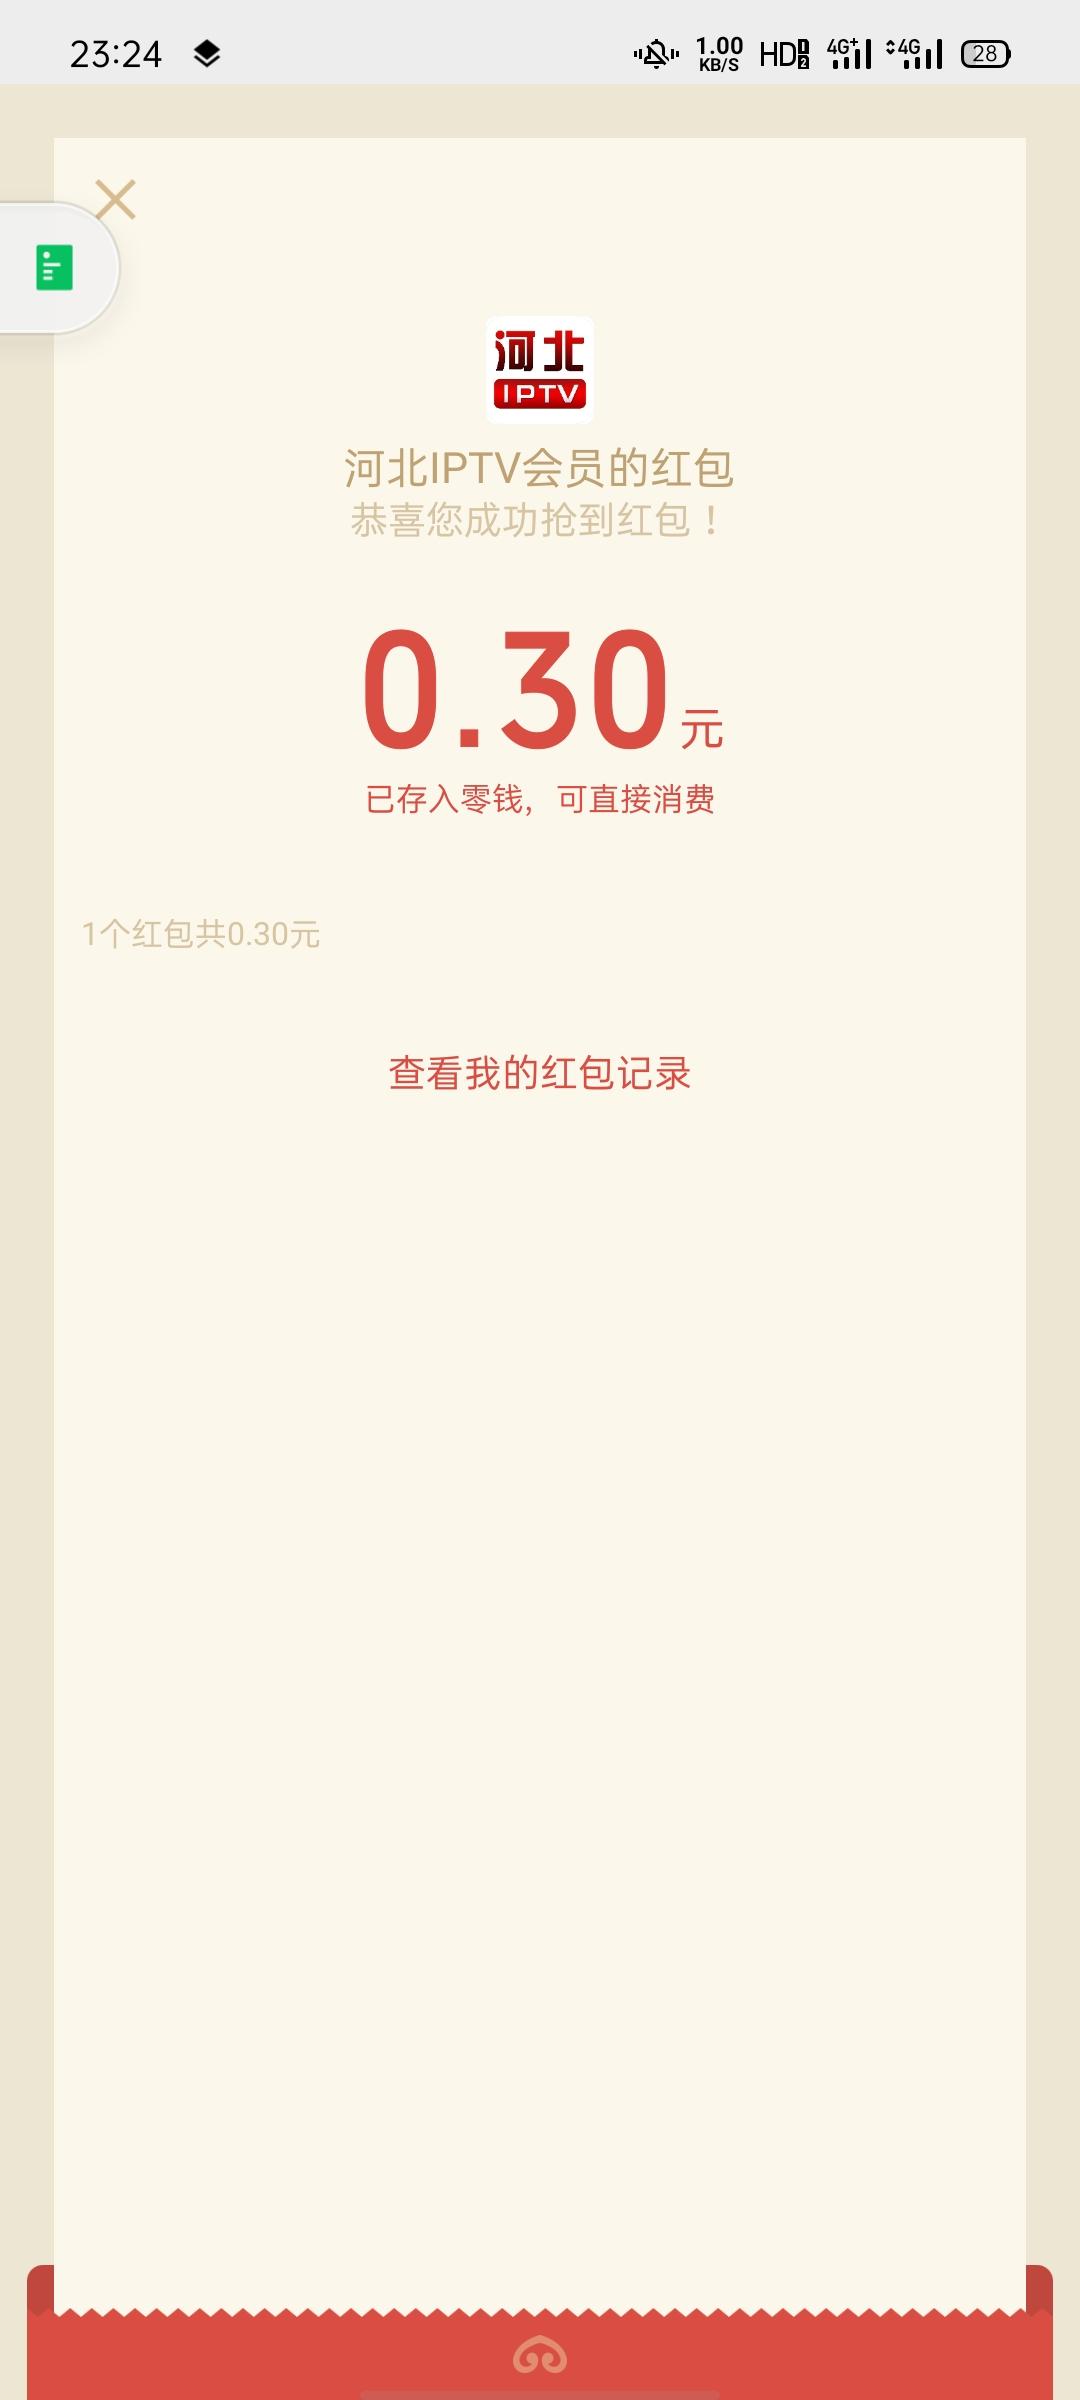 河北IPTV会员设计图片抽红包